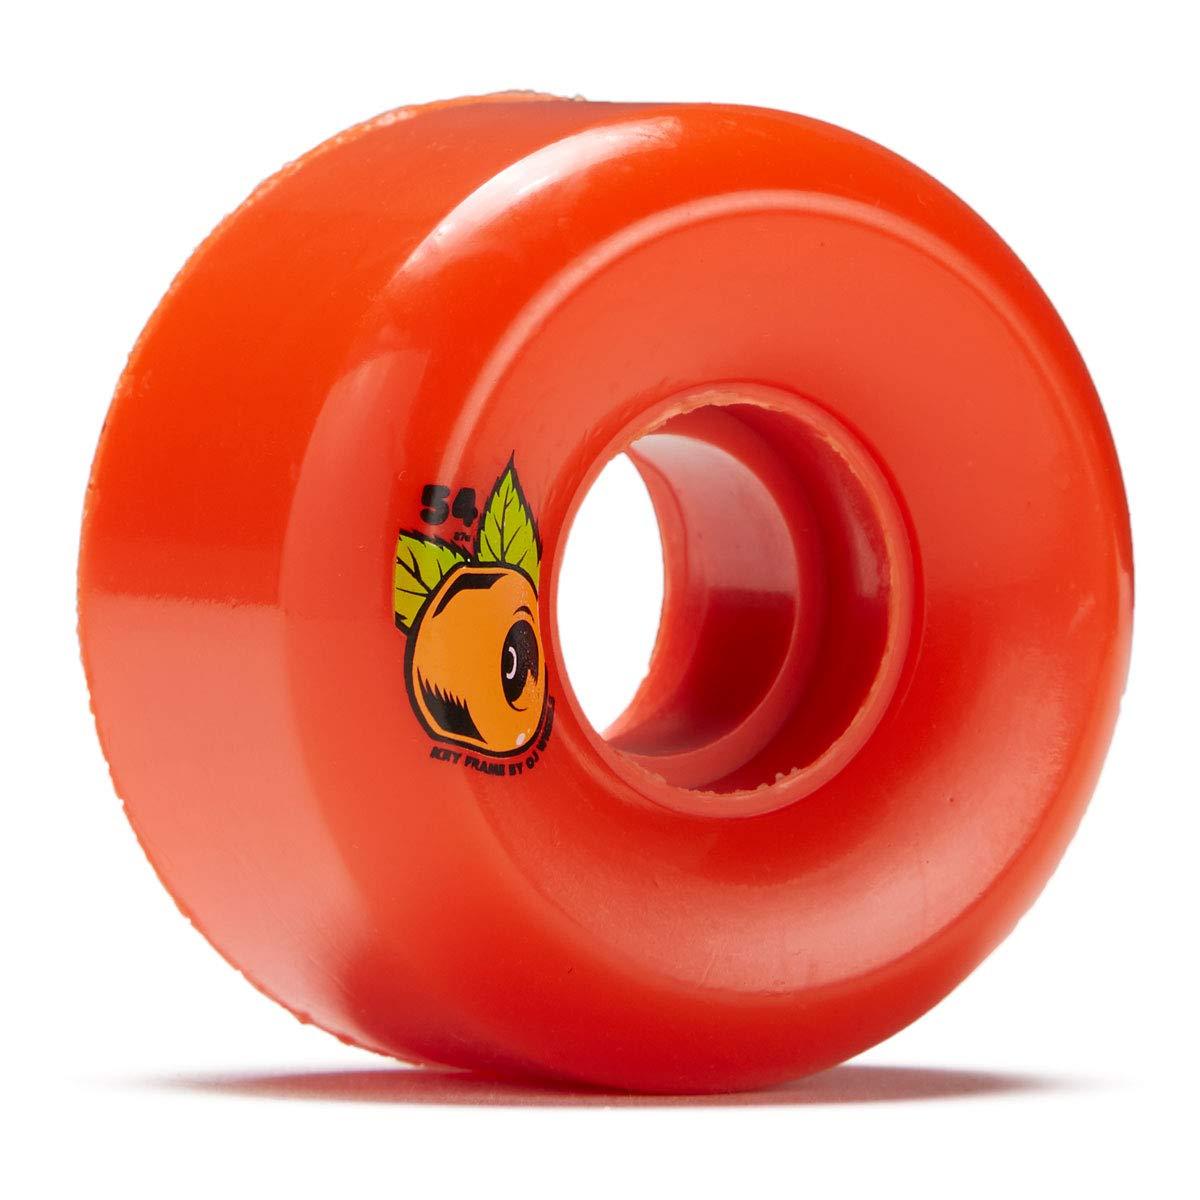 【訳あり】 OJ Keyframe 87a 54mm OJ スケートボードホイール - オレンジ オレンジ - 54mm B07KS1FJTQ, 前沢町:d8e24b82 --- mvd.ee